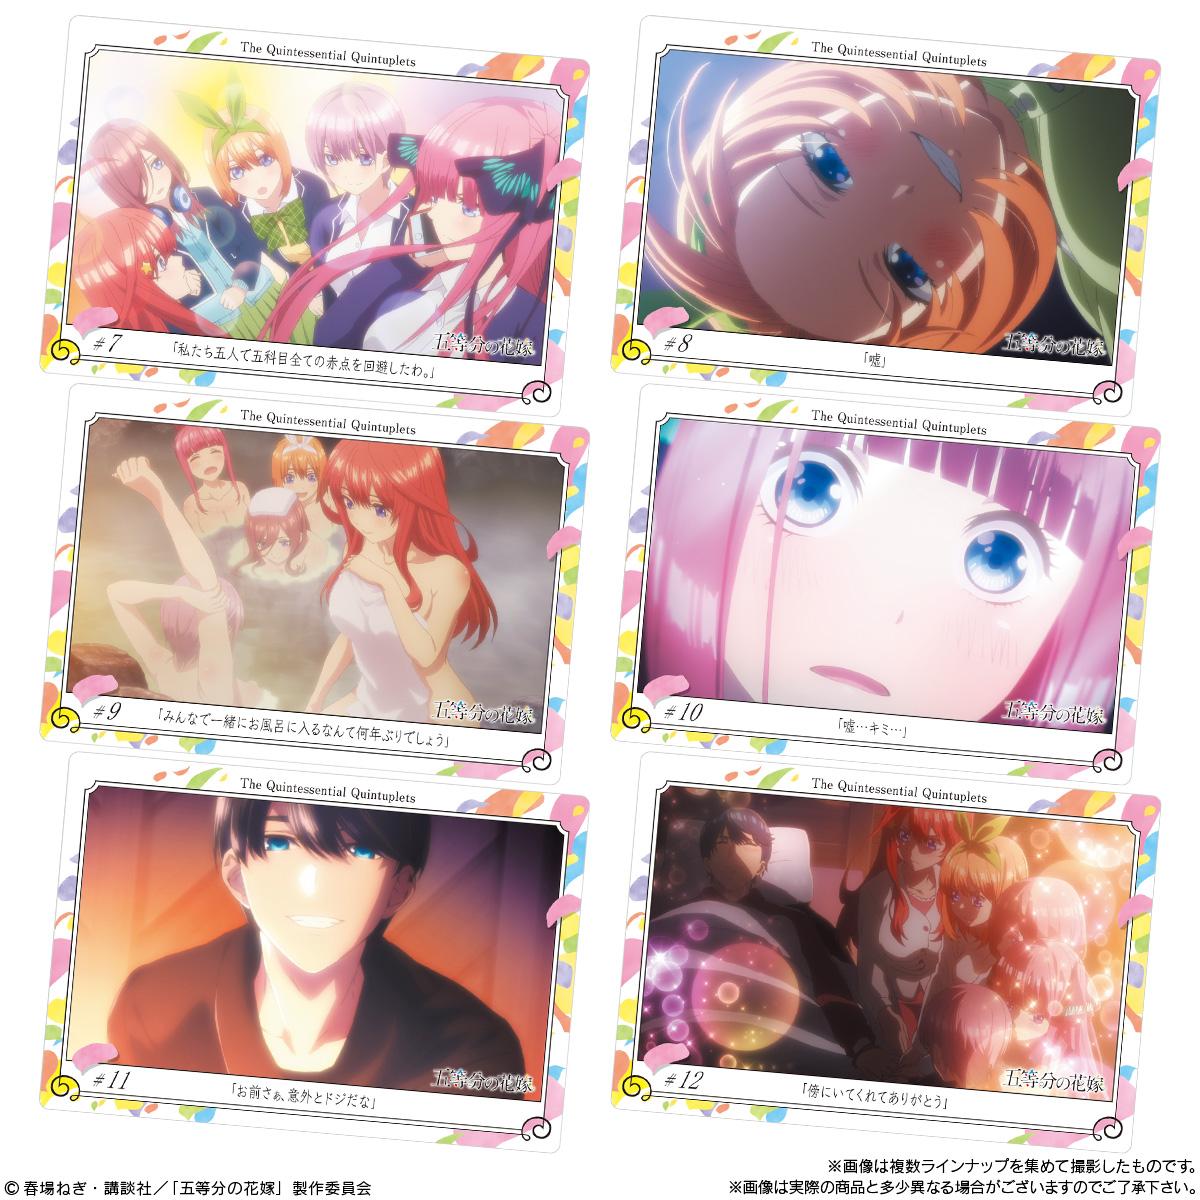 【食玩】五等分の花嫁『五等分の花嫁 ウエハース』20個入りBOX-004